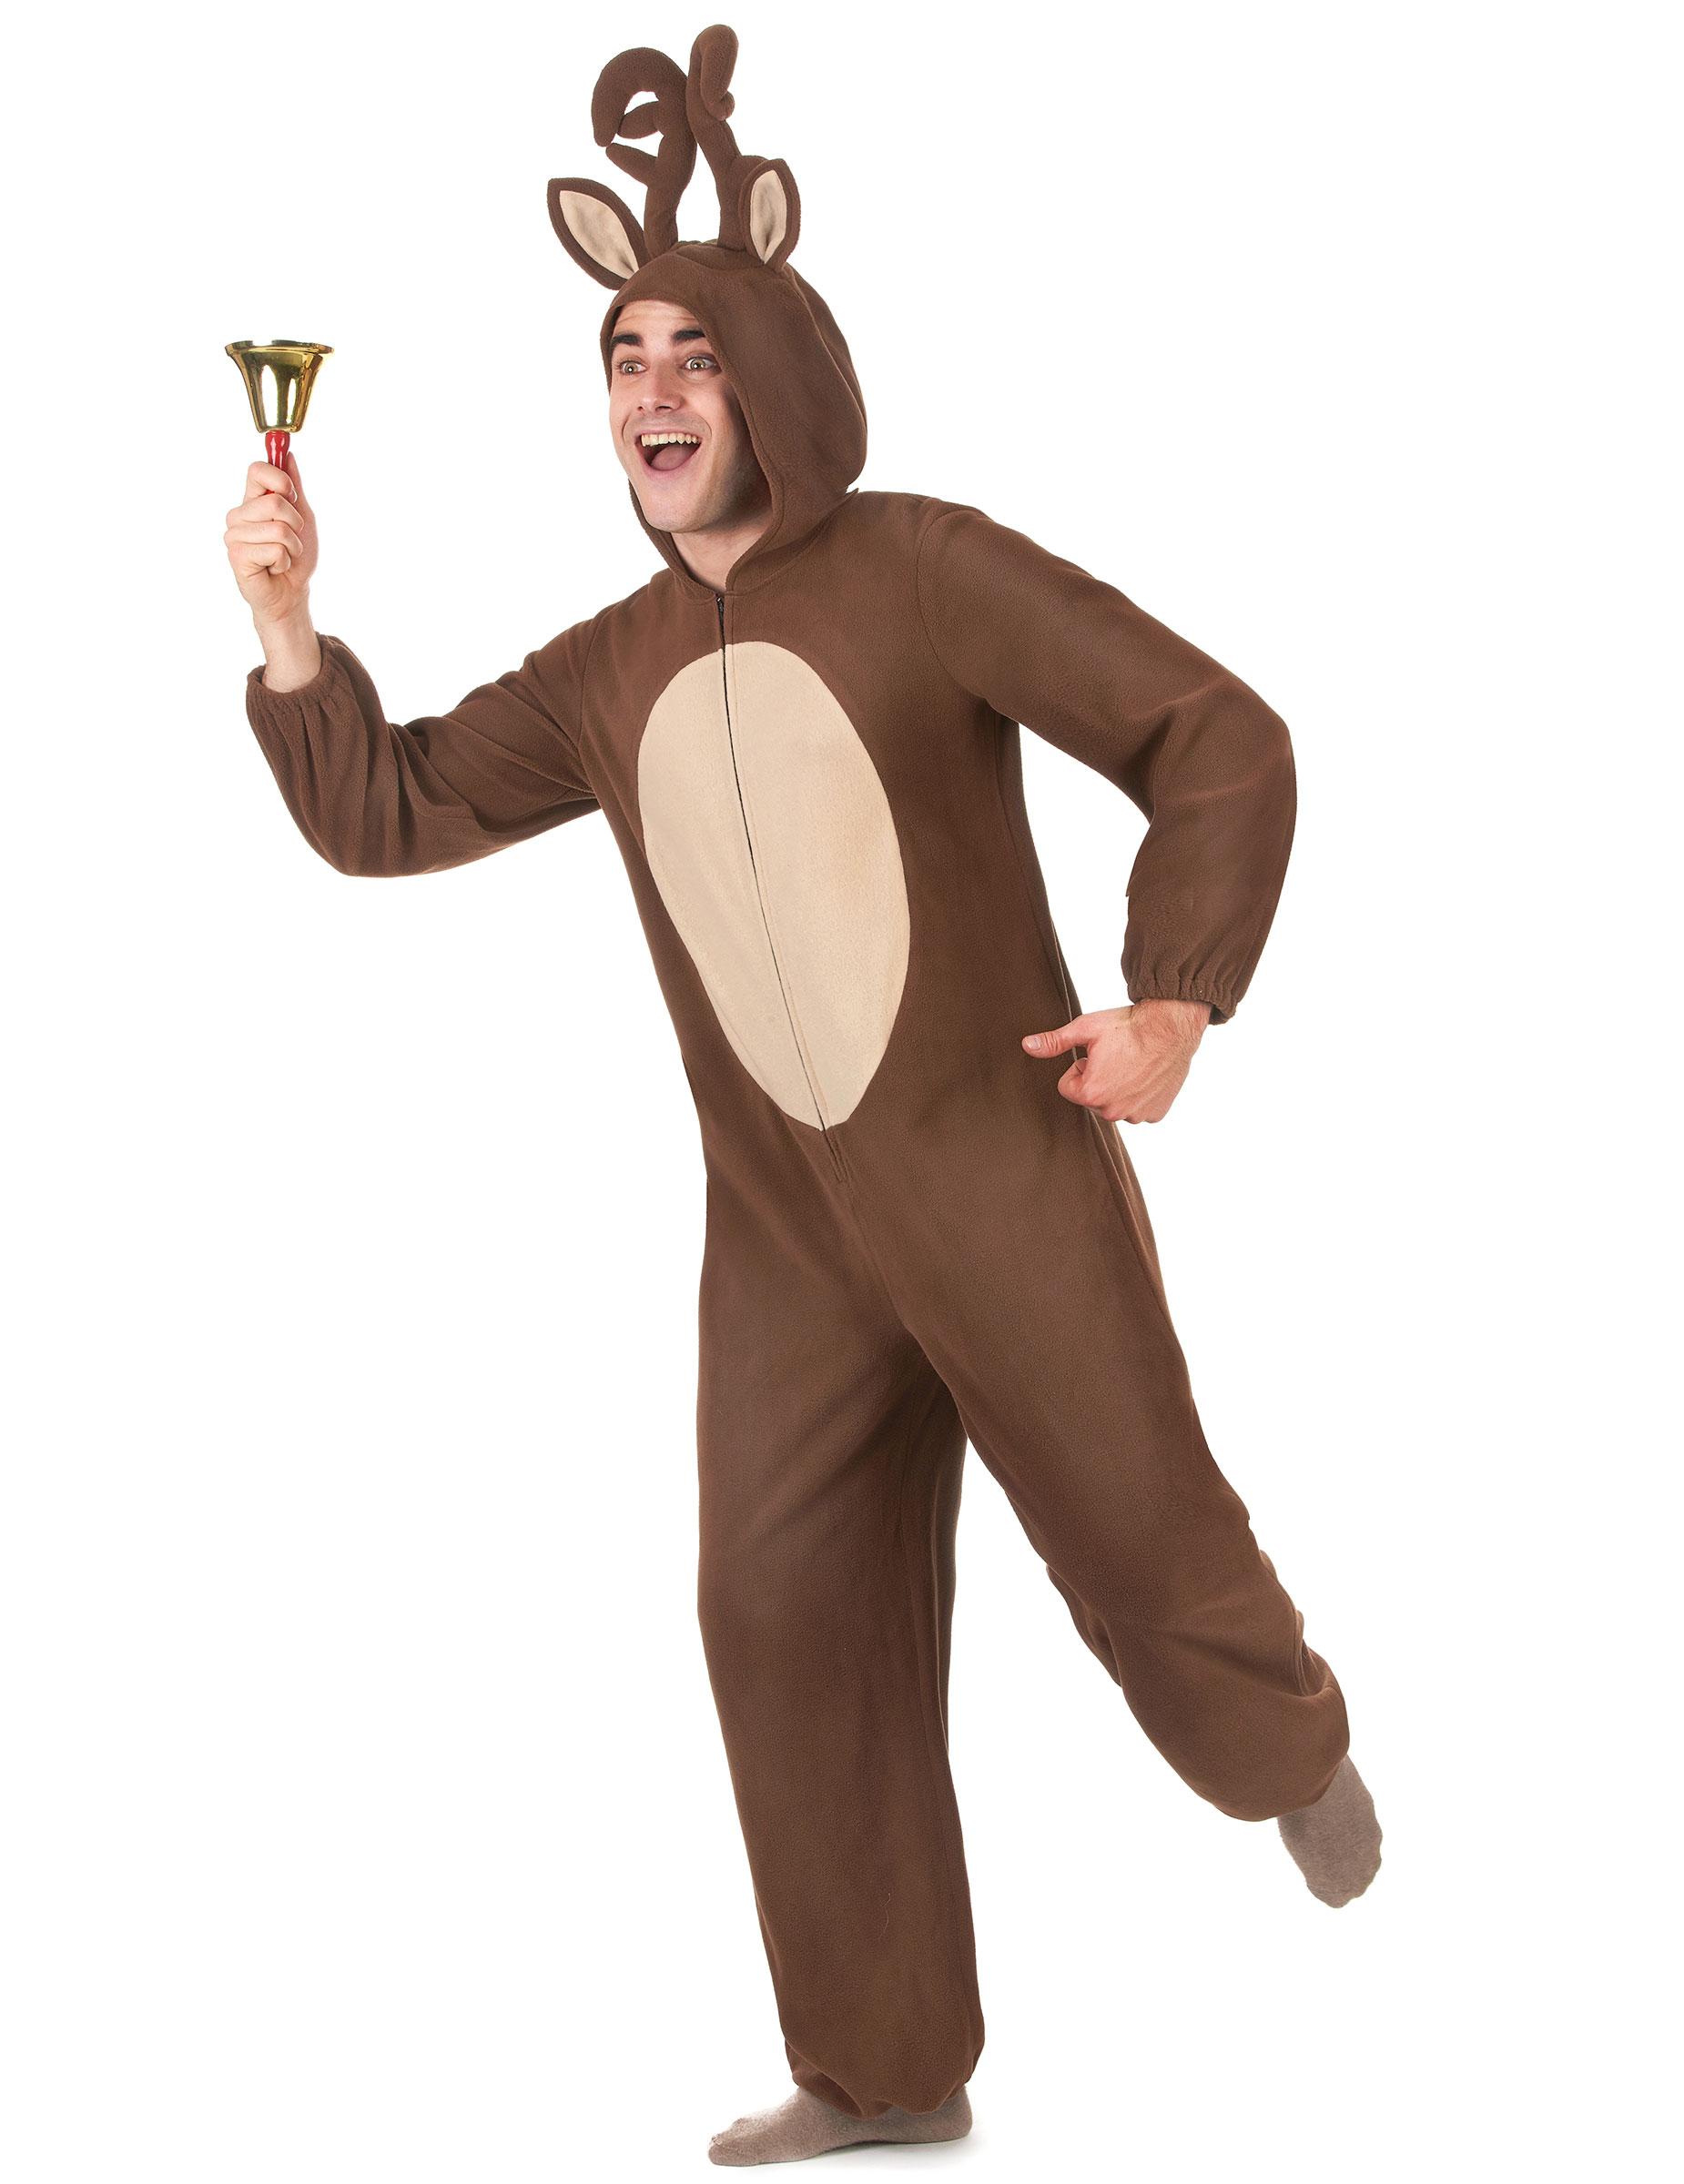 Kostume heldragt rensdyr herre, køb Kostumer til voksne på